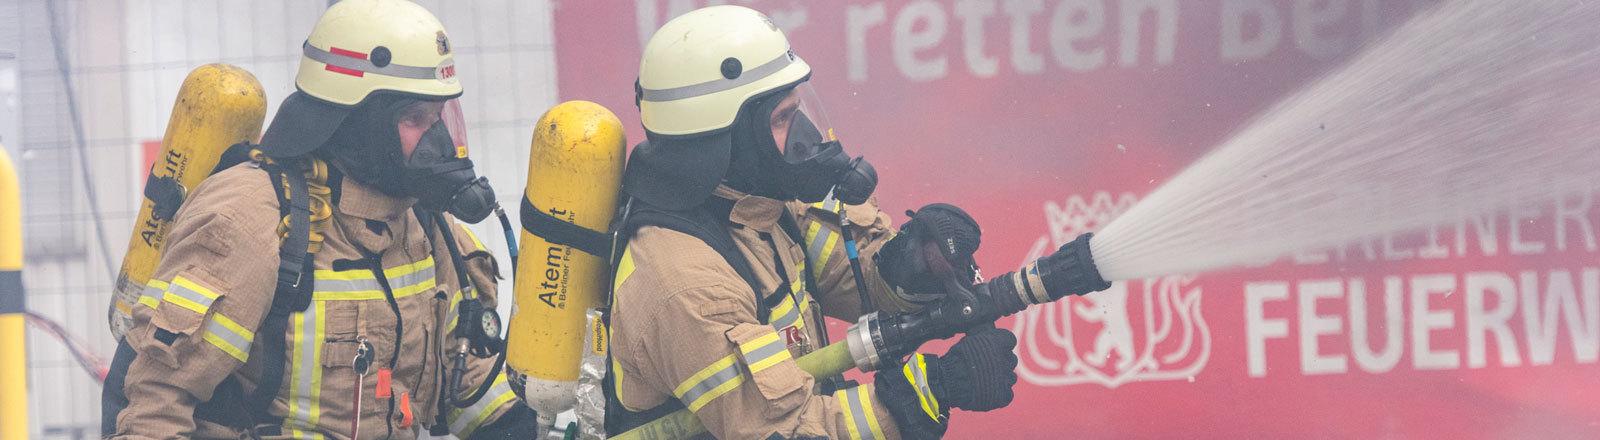 Feuerwehr: Brandschützer bei der Ausbildung.